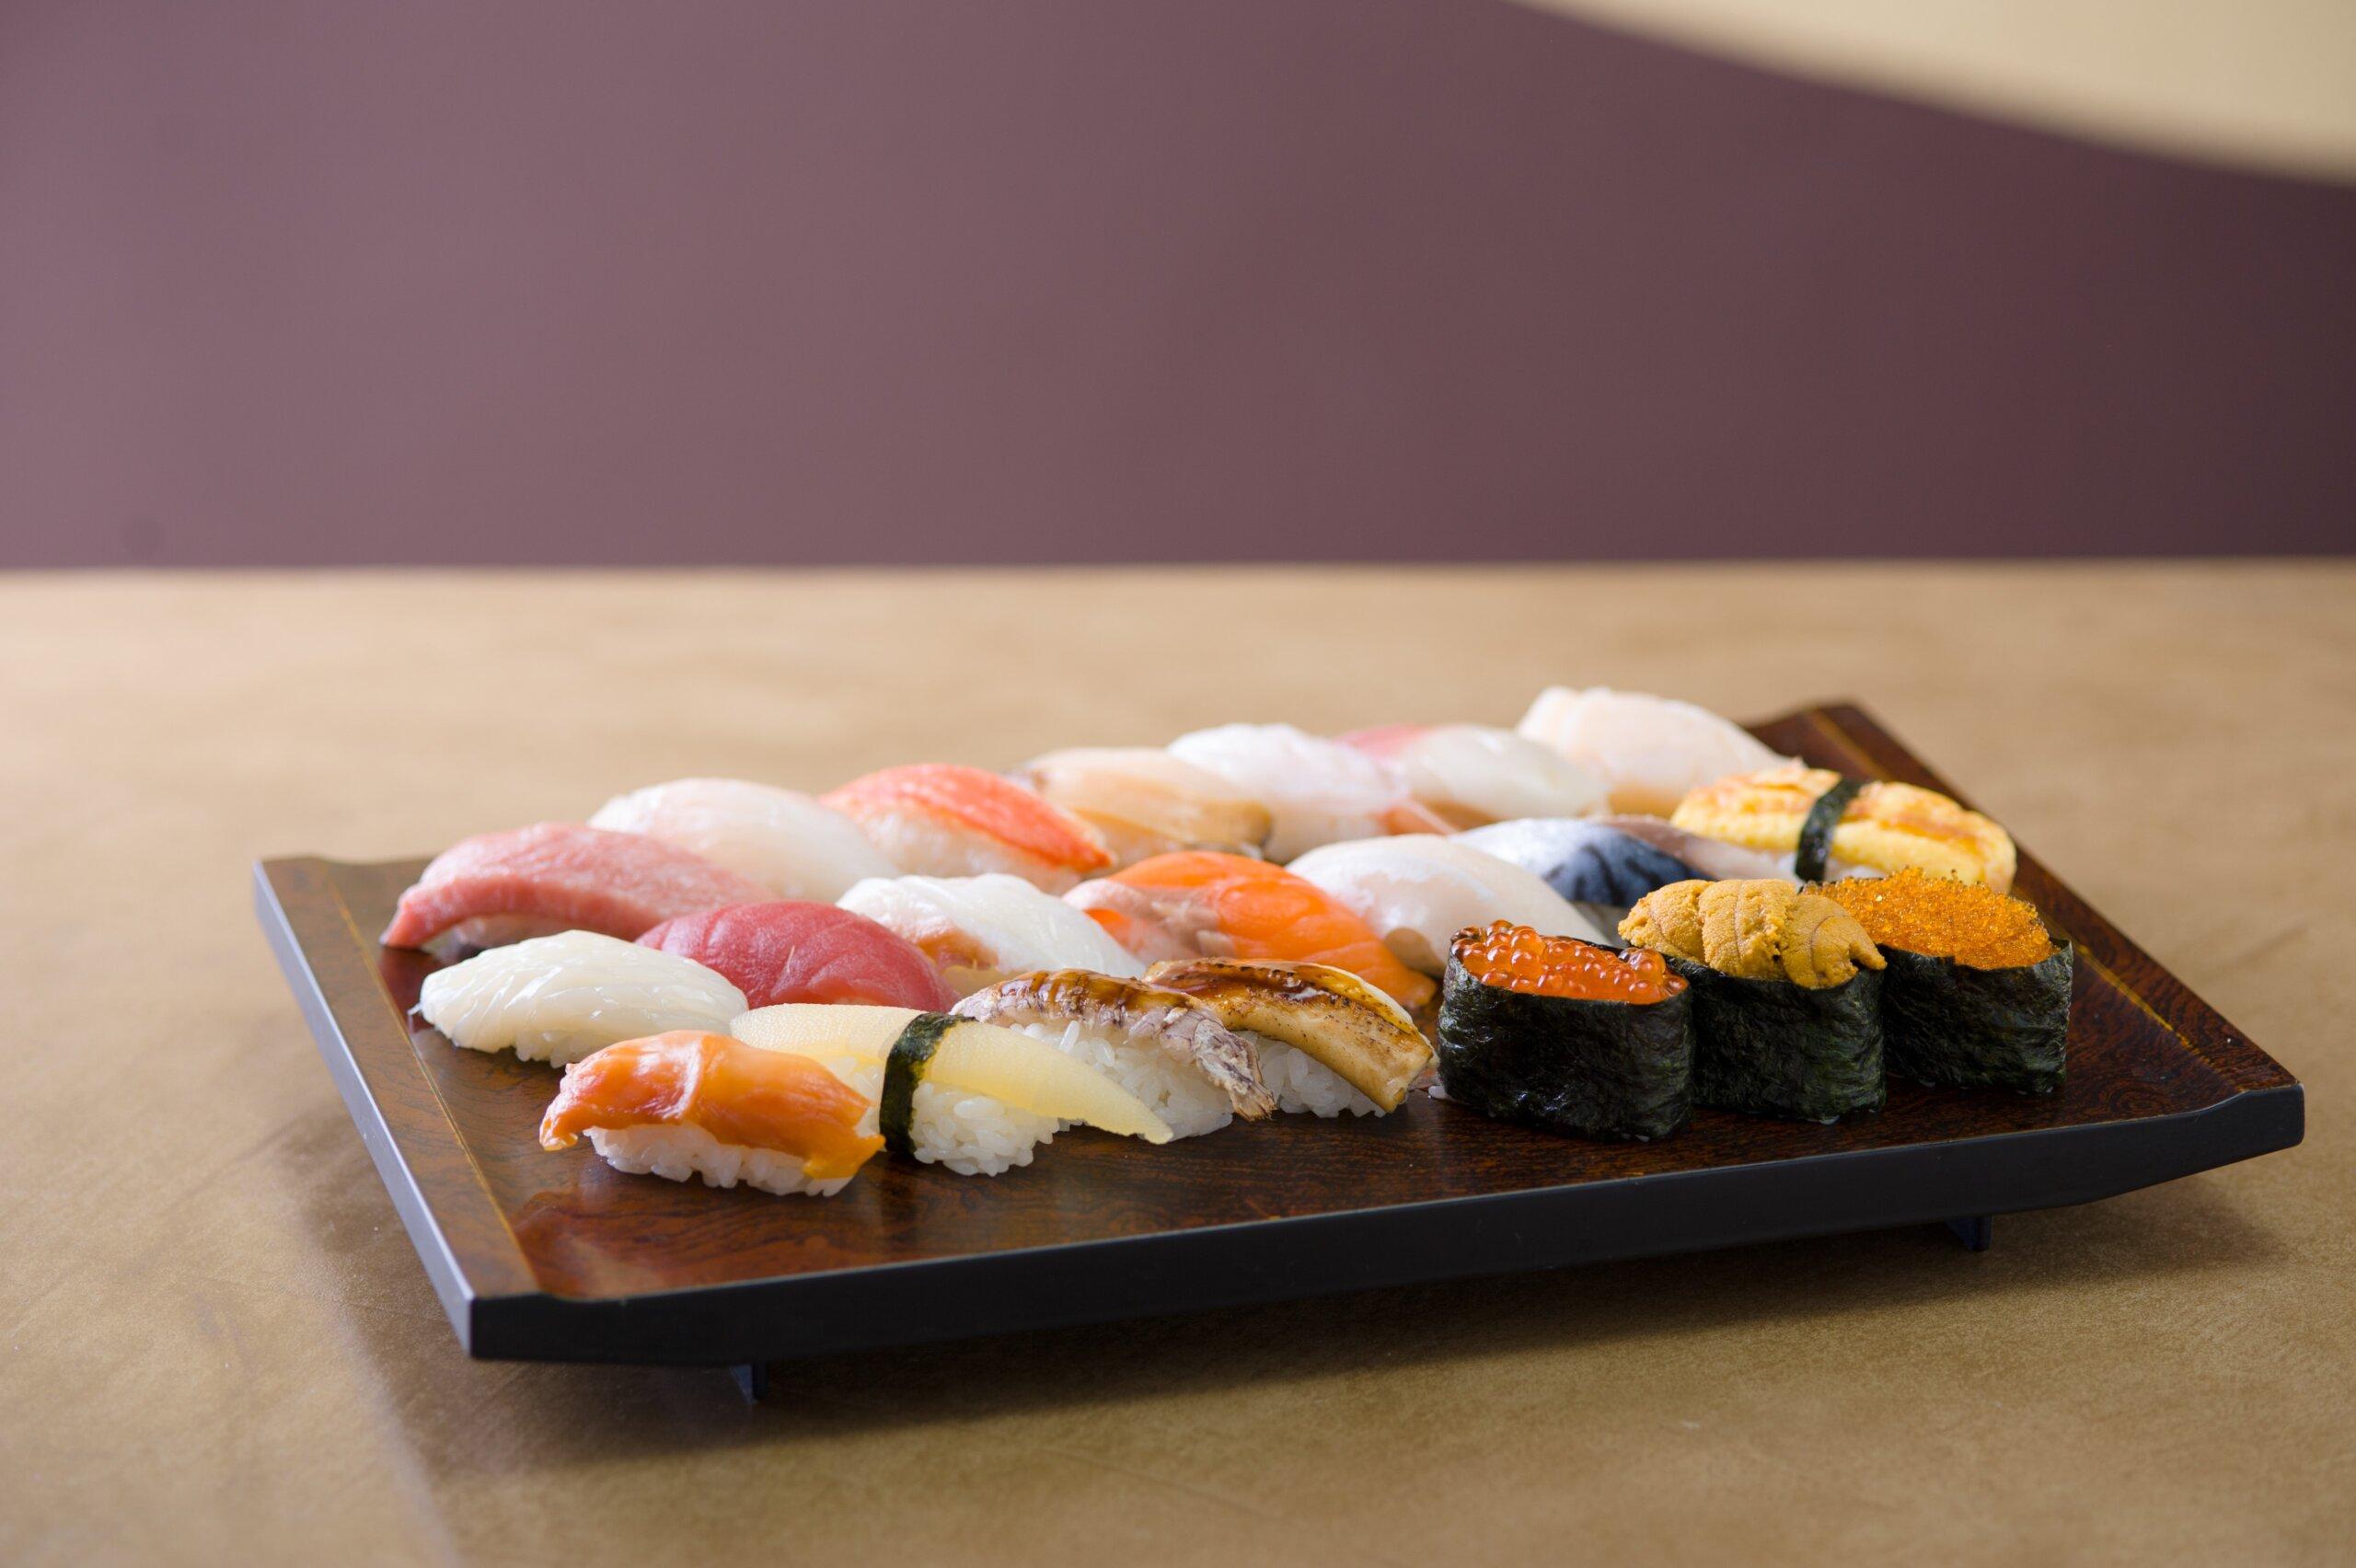 蛇眼壽司:由留萌當地的新鮮海鮮製成的美味壽司